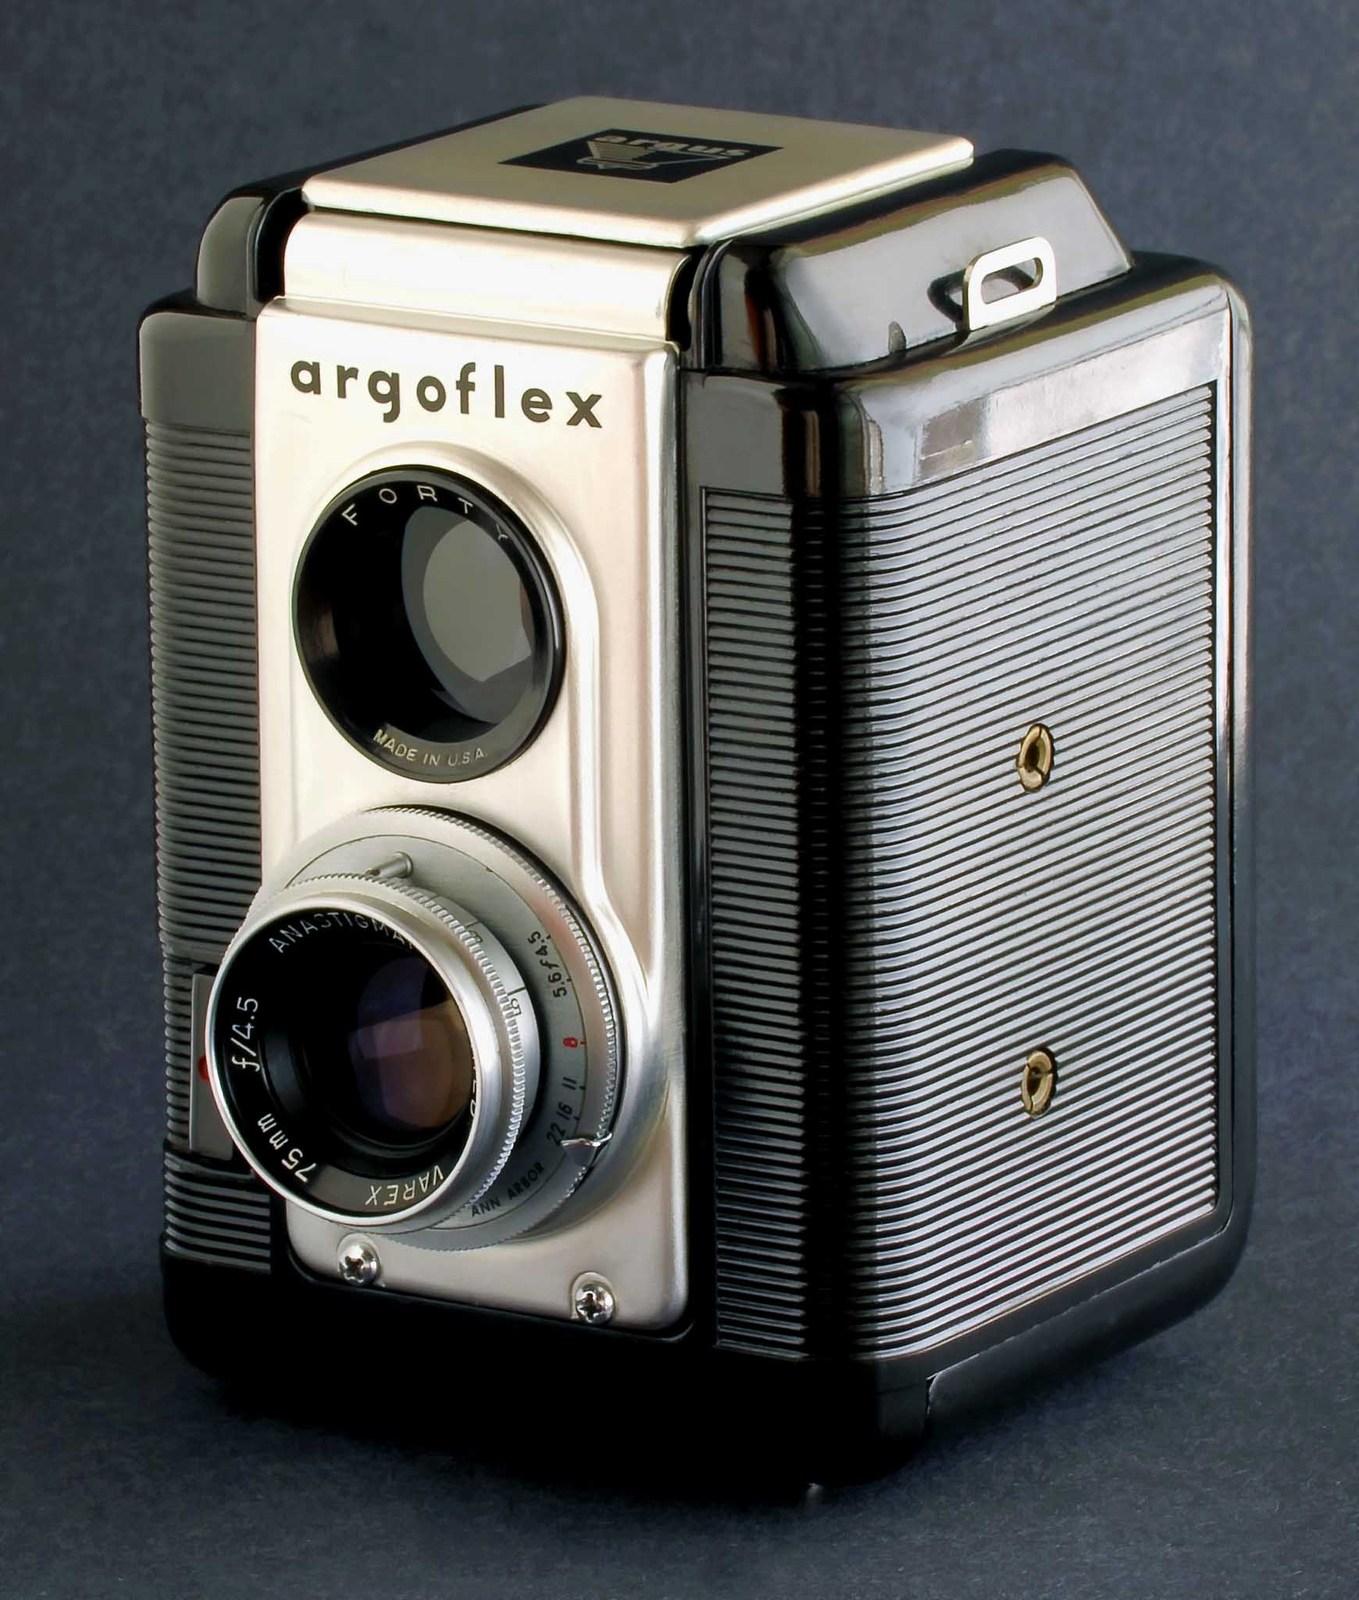 argus argoflex tlr w varex 75mm f 4 5 coated lens anastigmat minty film cameras. Black Bedroom Furniture Sets. Home Design Ideas